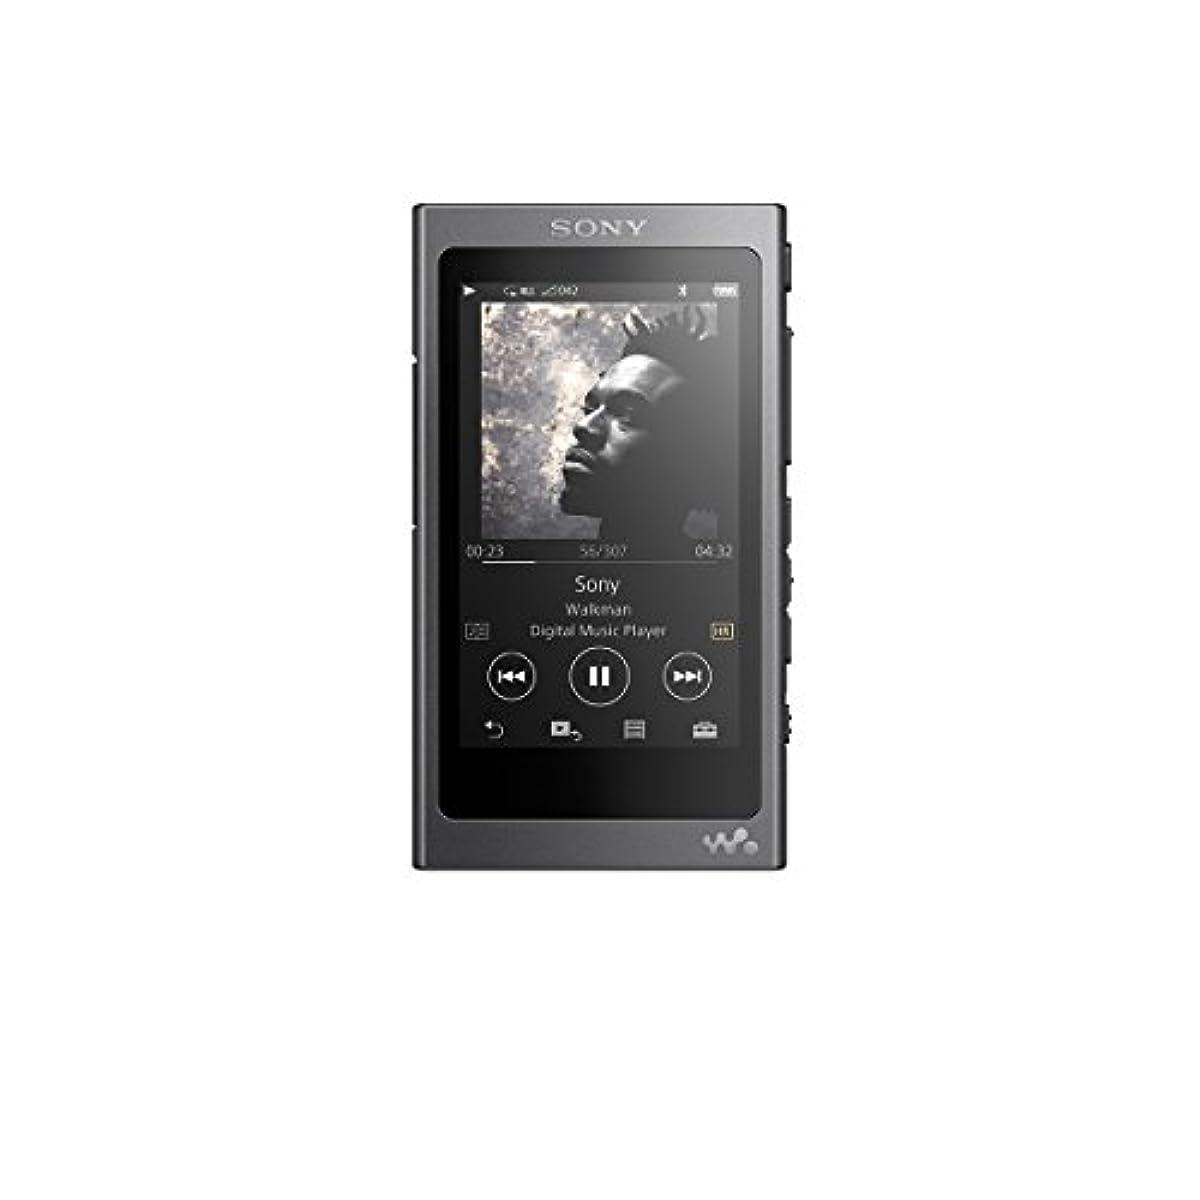 [해외] 소니 SONY 워크맨 A실리즈 16GB NW-A35 : BLUETOOTH/MICROSD/하이레조대응 charcoal 블랙 NW-A35 B